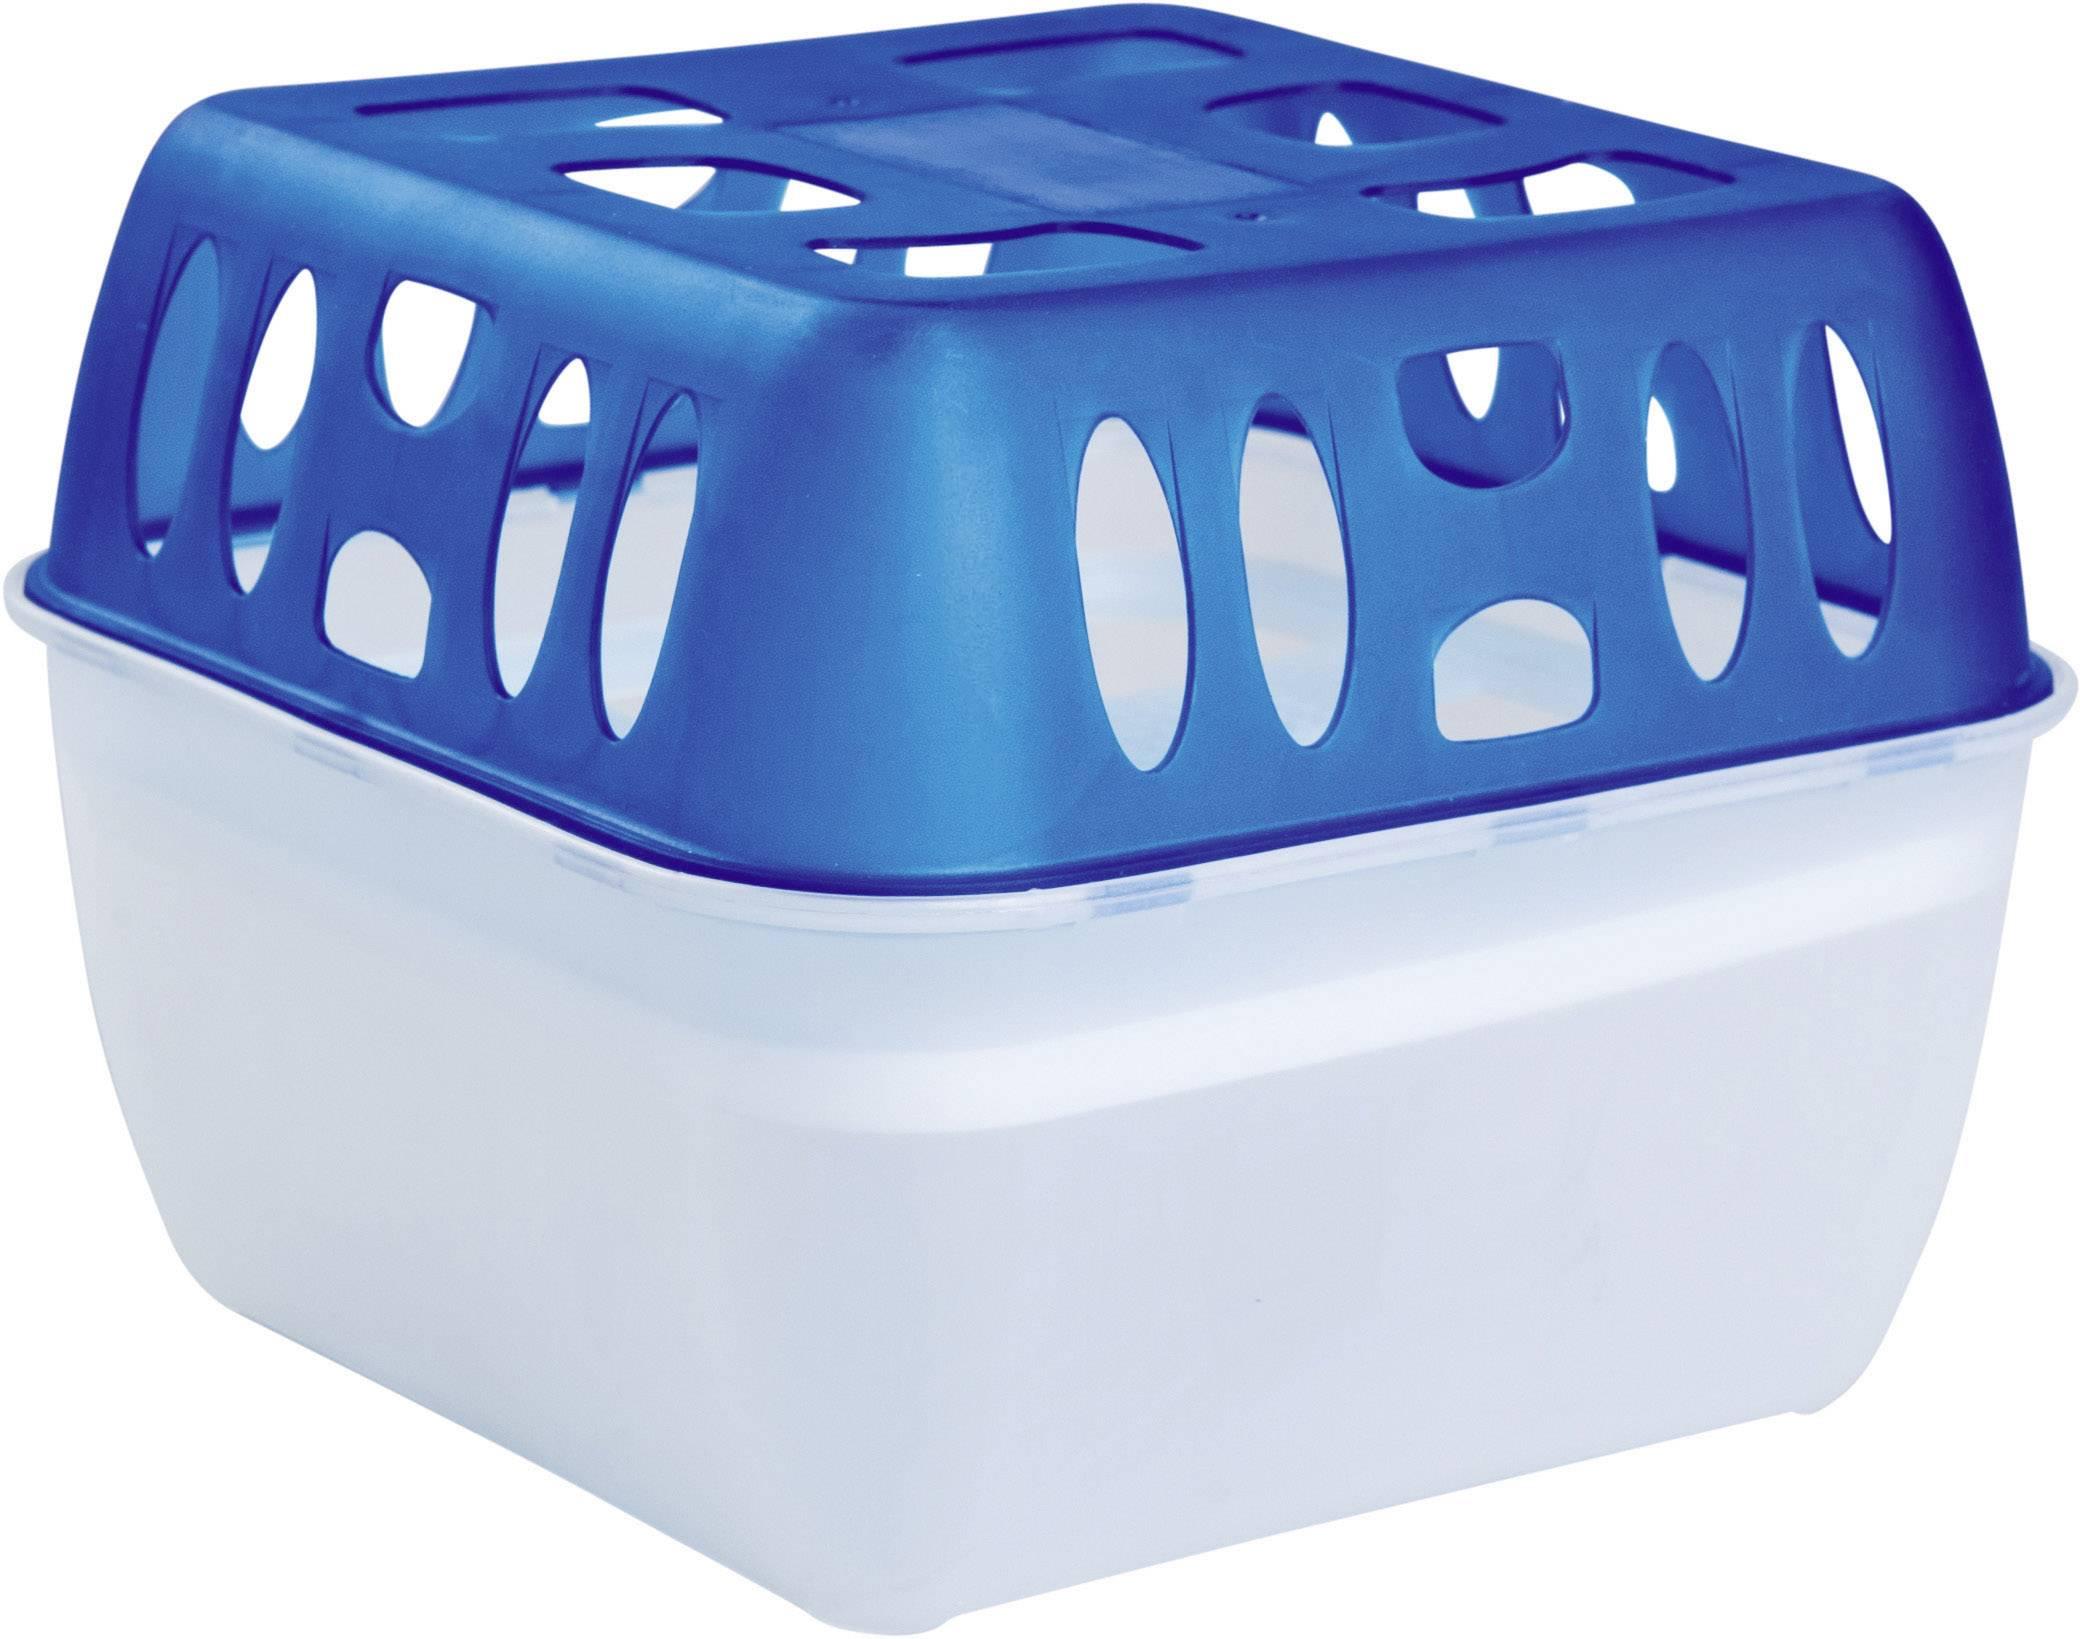 Granulátový odvlhčovač vzduchu PINGI Profi-Dry GPL-450, modrobiela